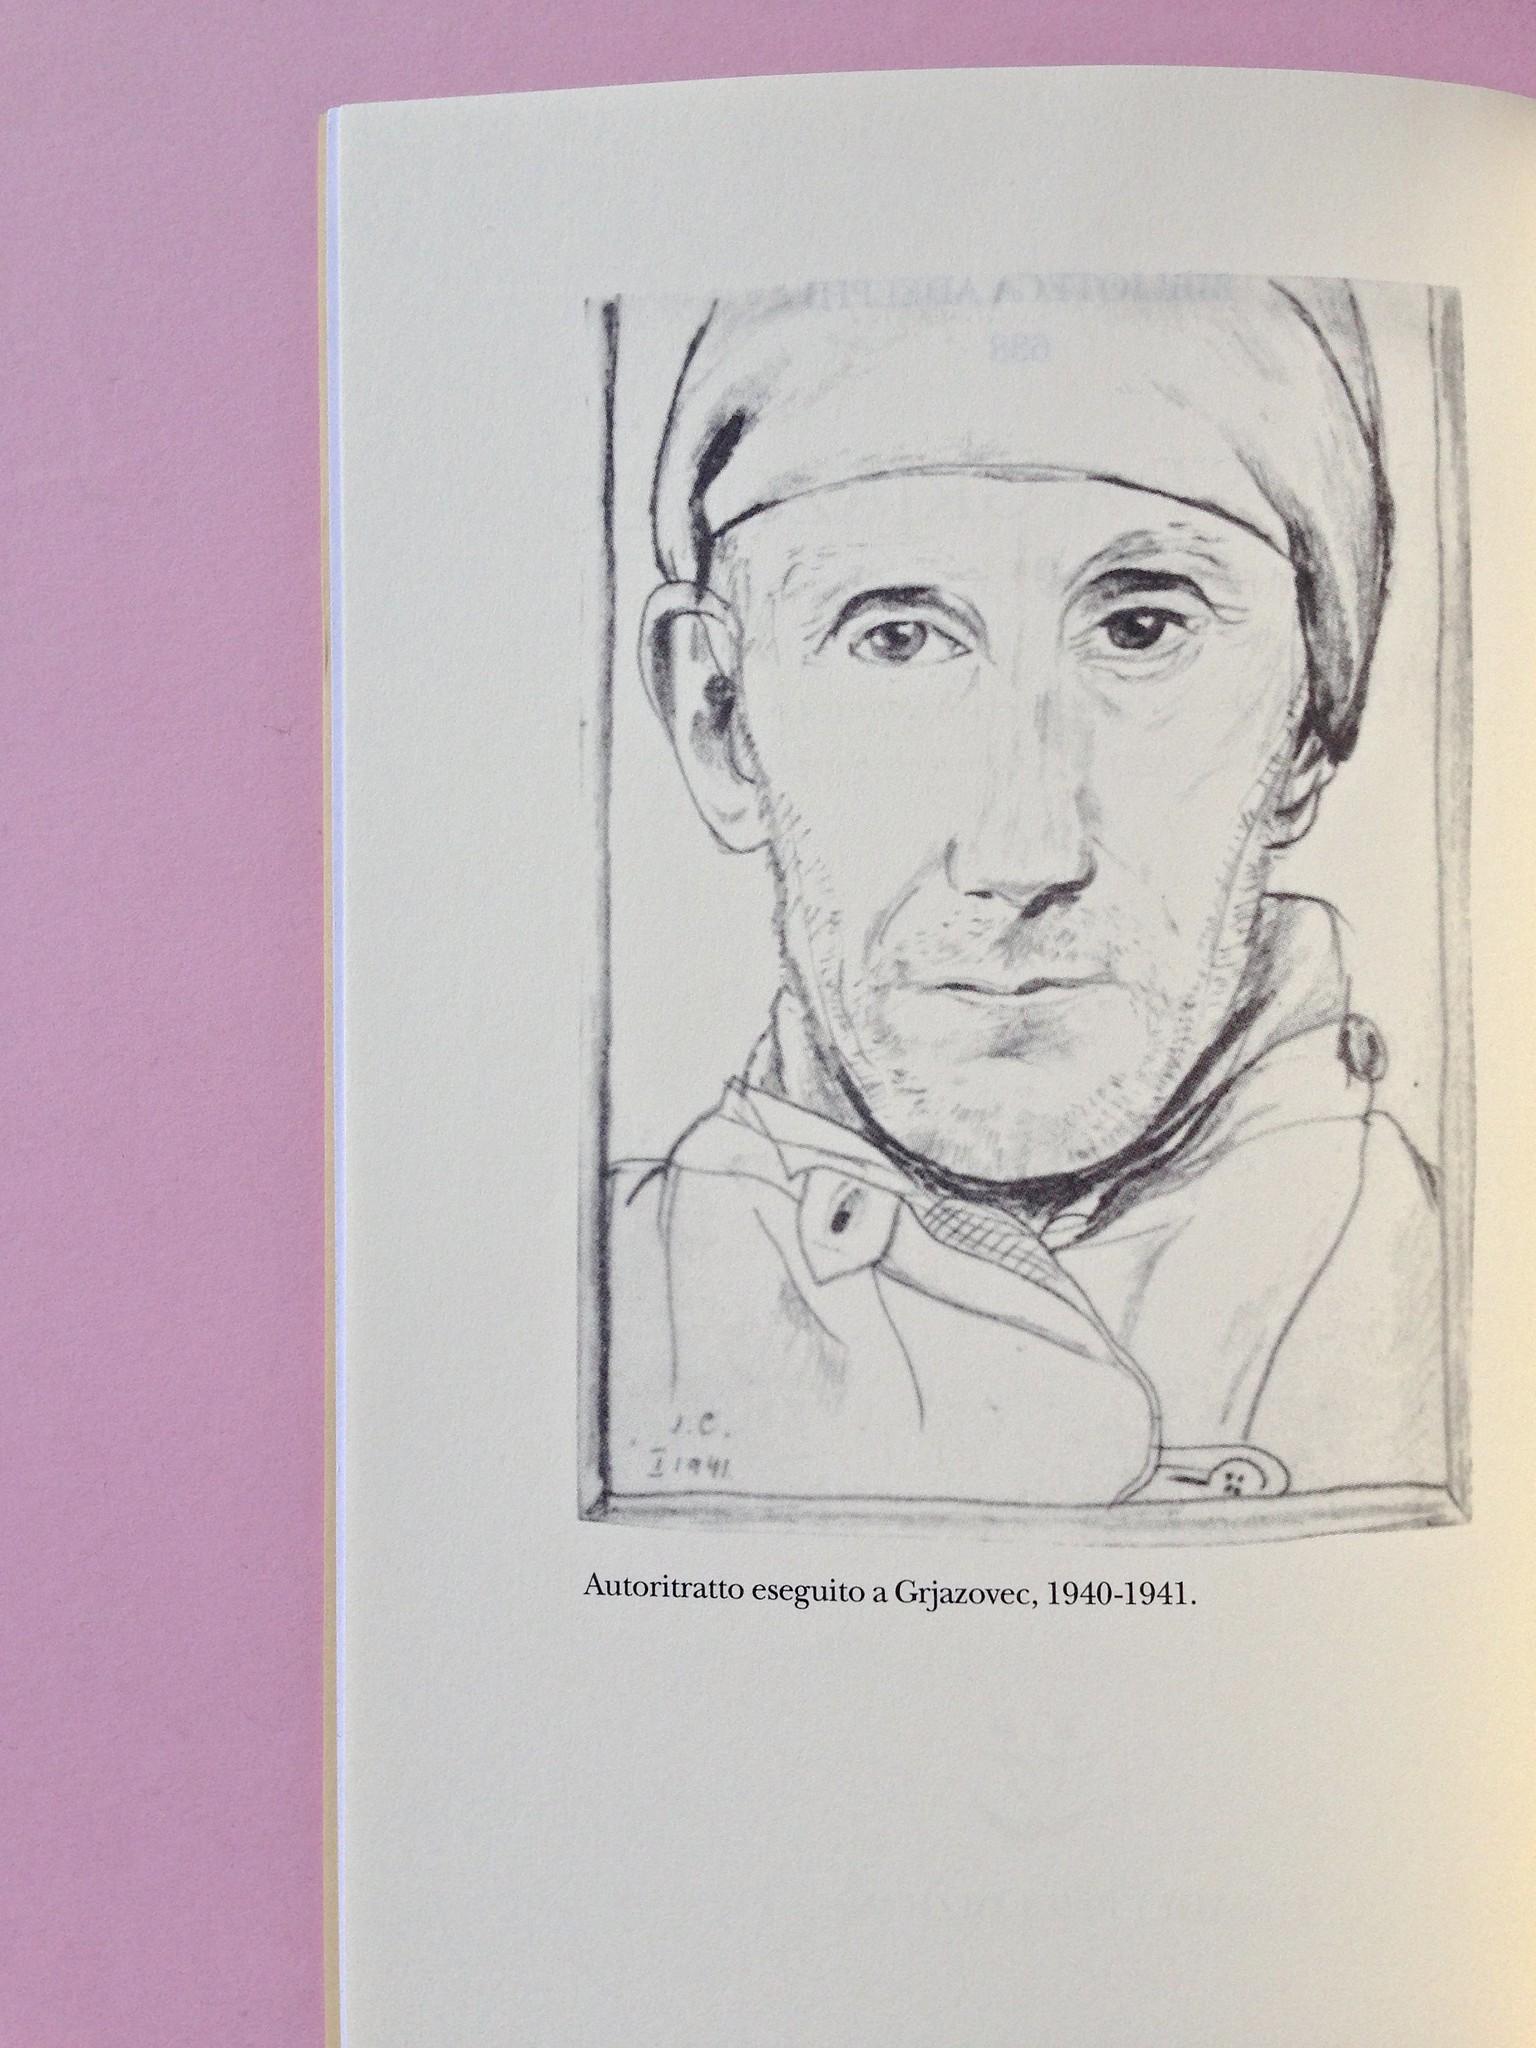 Proust a Grjazovec, di Józef Czapski. Adelphi 2015. Resp. grafica non indicata. Verso della pagina dell'occhiello, a pag. 4 (part.), 1